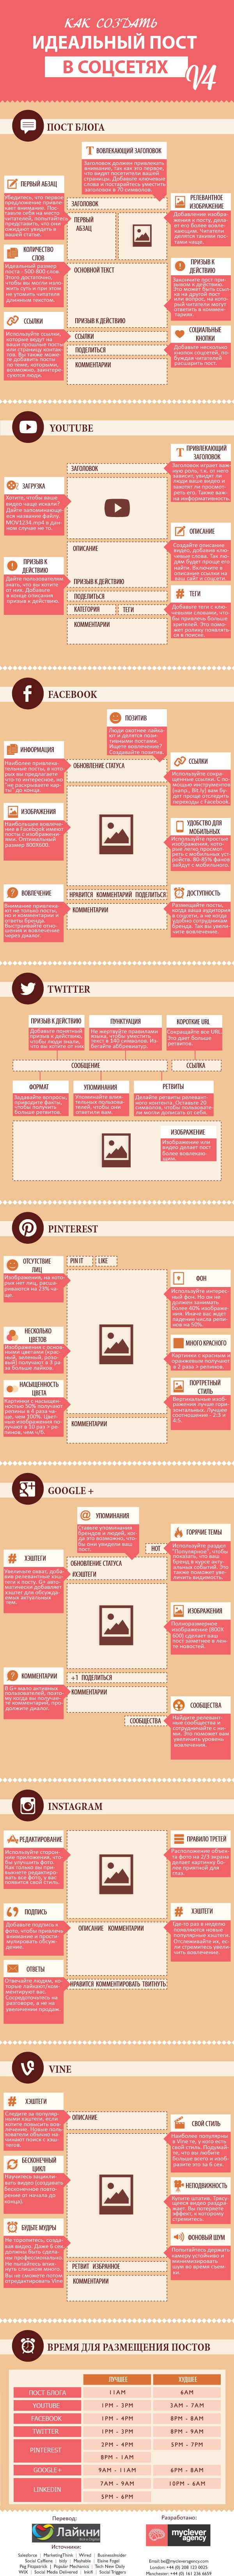 Как создать идеальный пост для социальных сетей?